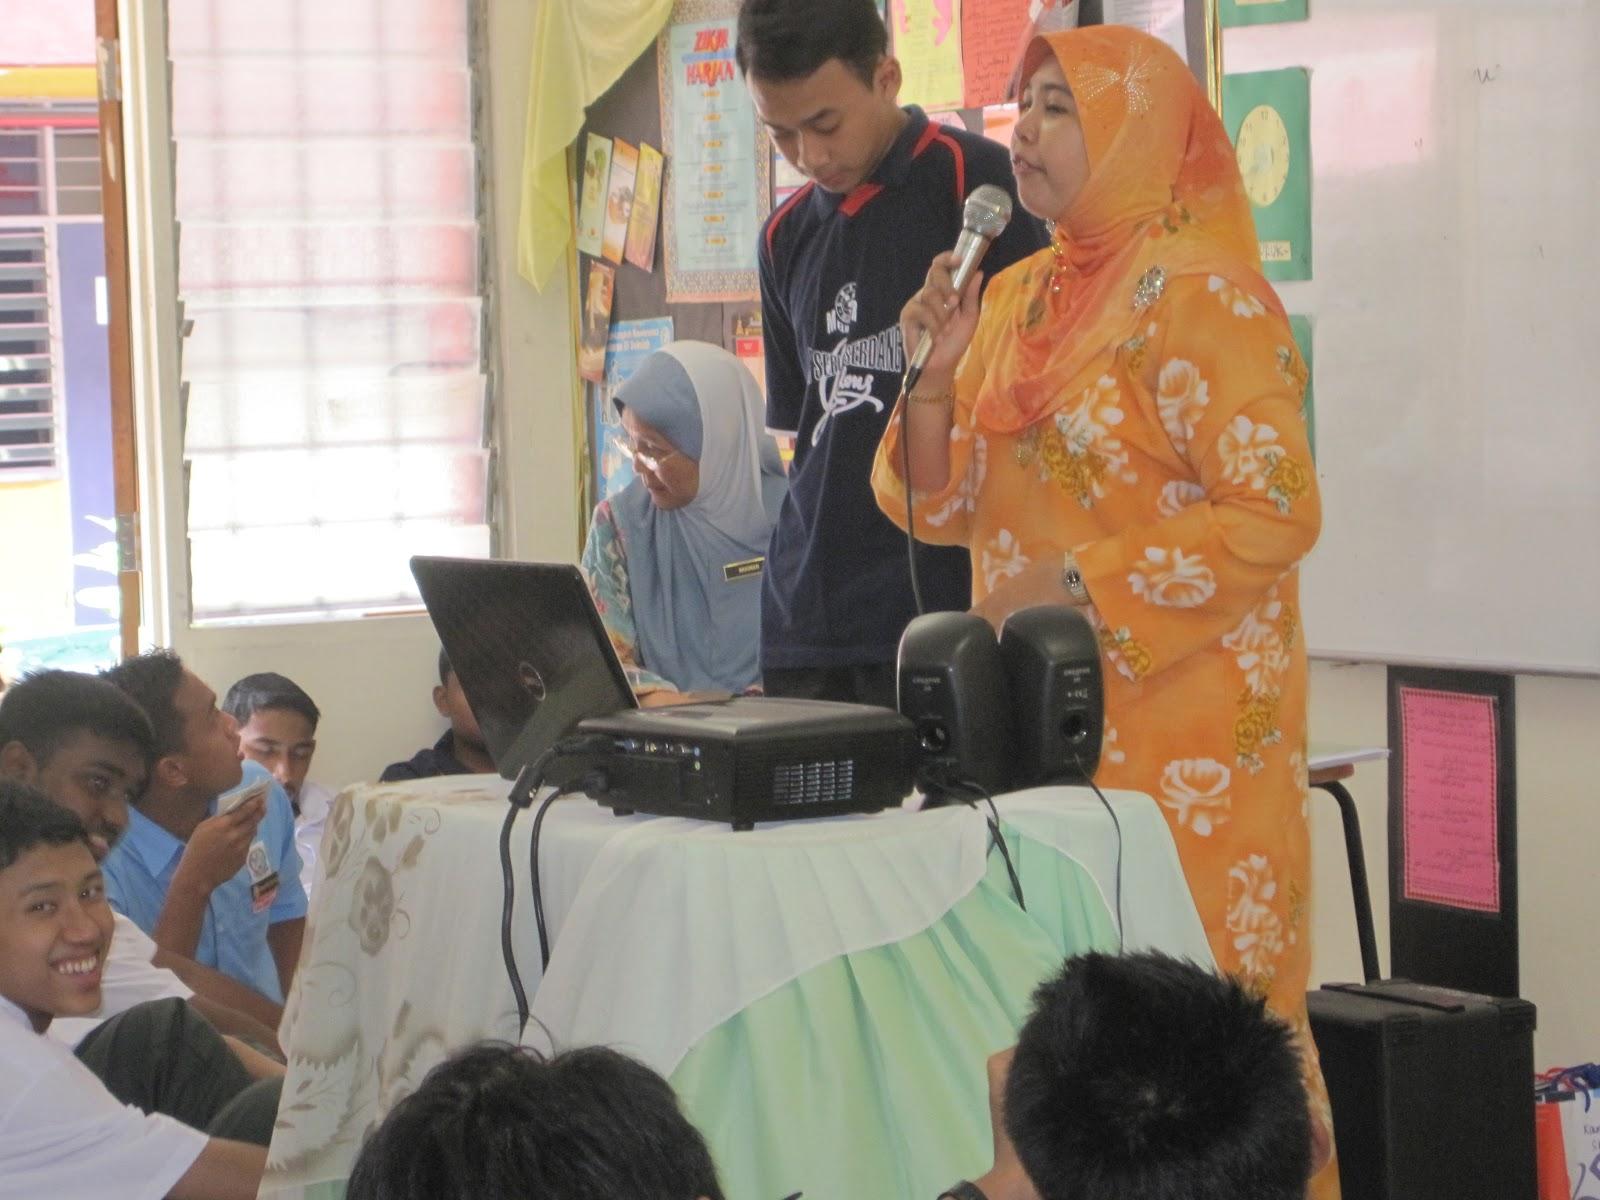 Posted by Unit Bimbingan Kaunseling SMK Seri Serdang at 7:32 PM